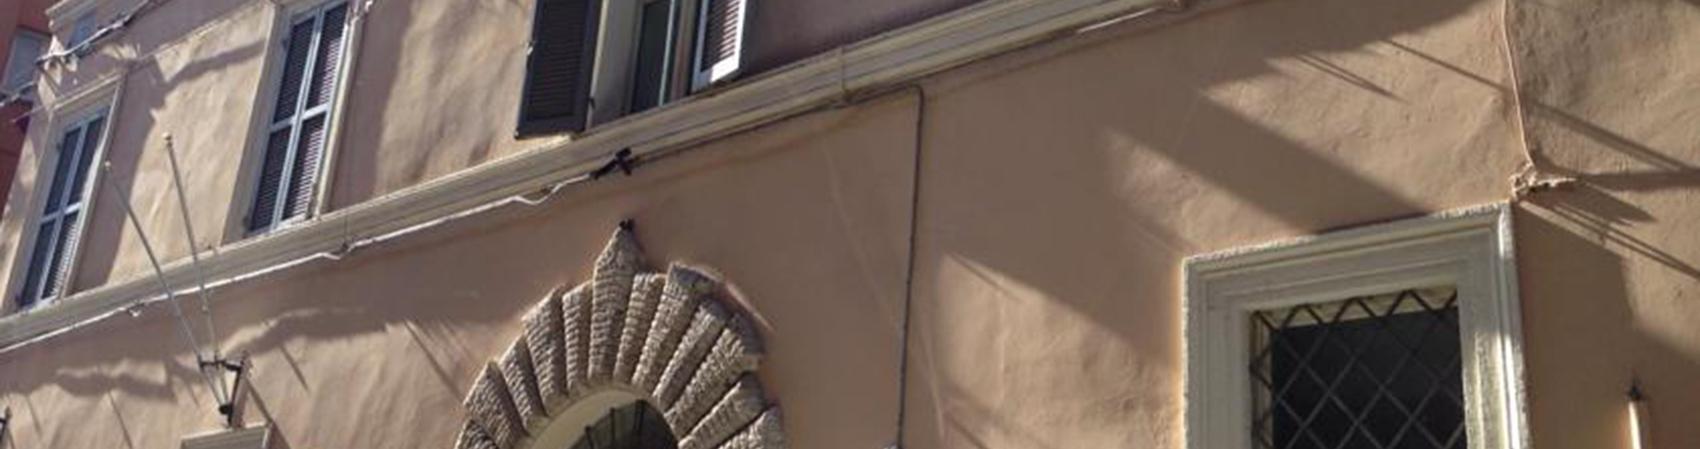 Perugia affitto appartamenti per Natale e Capodanno